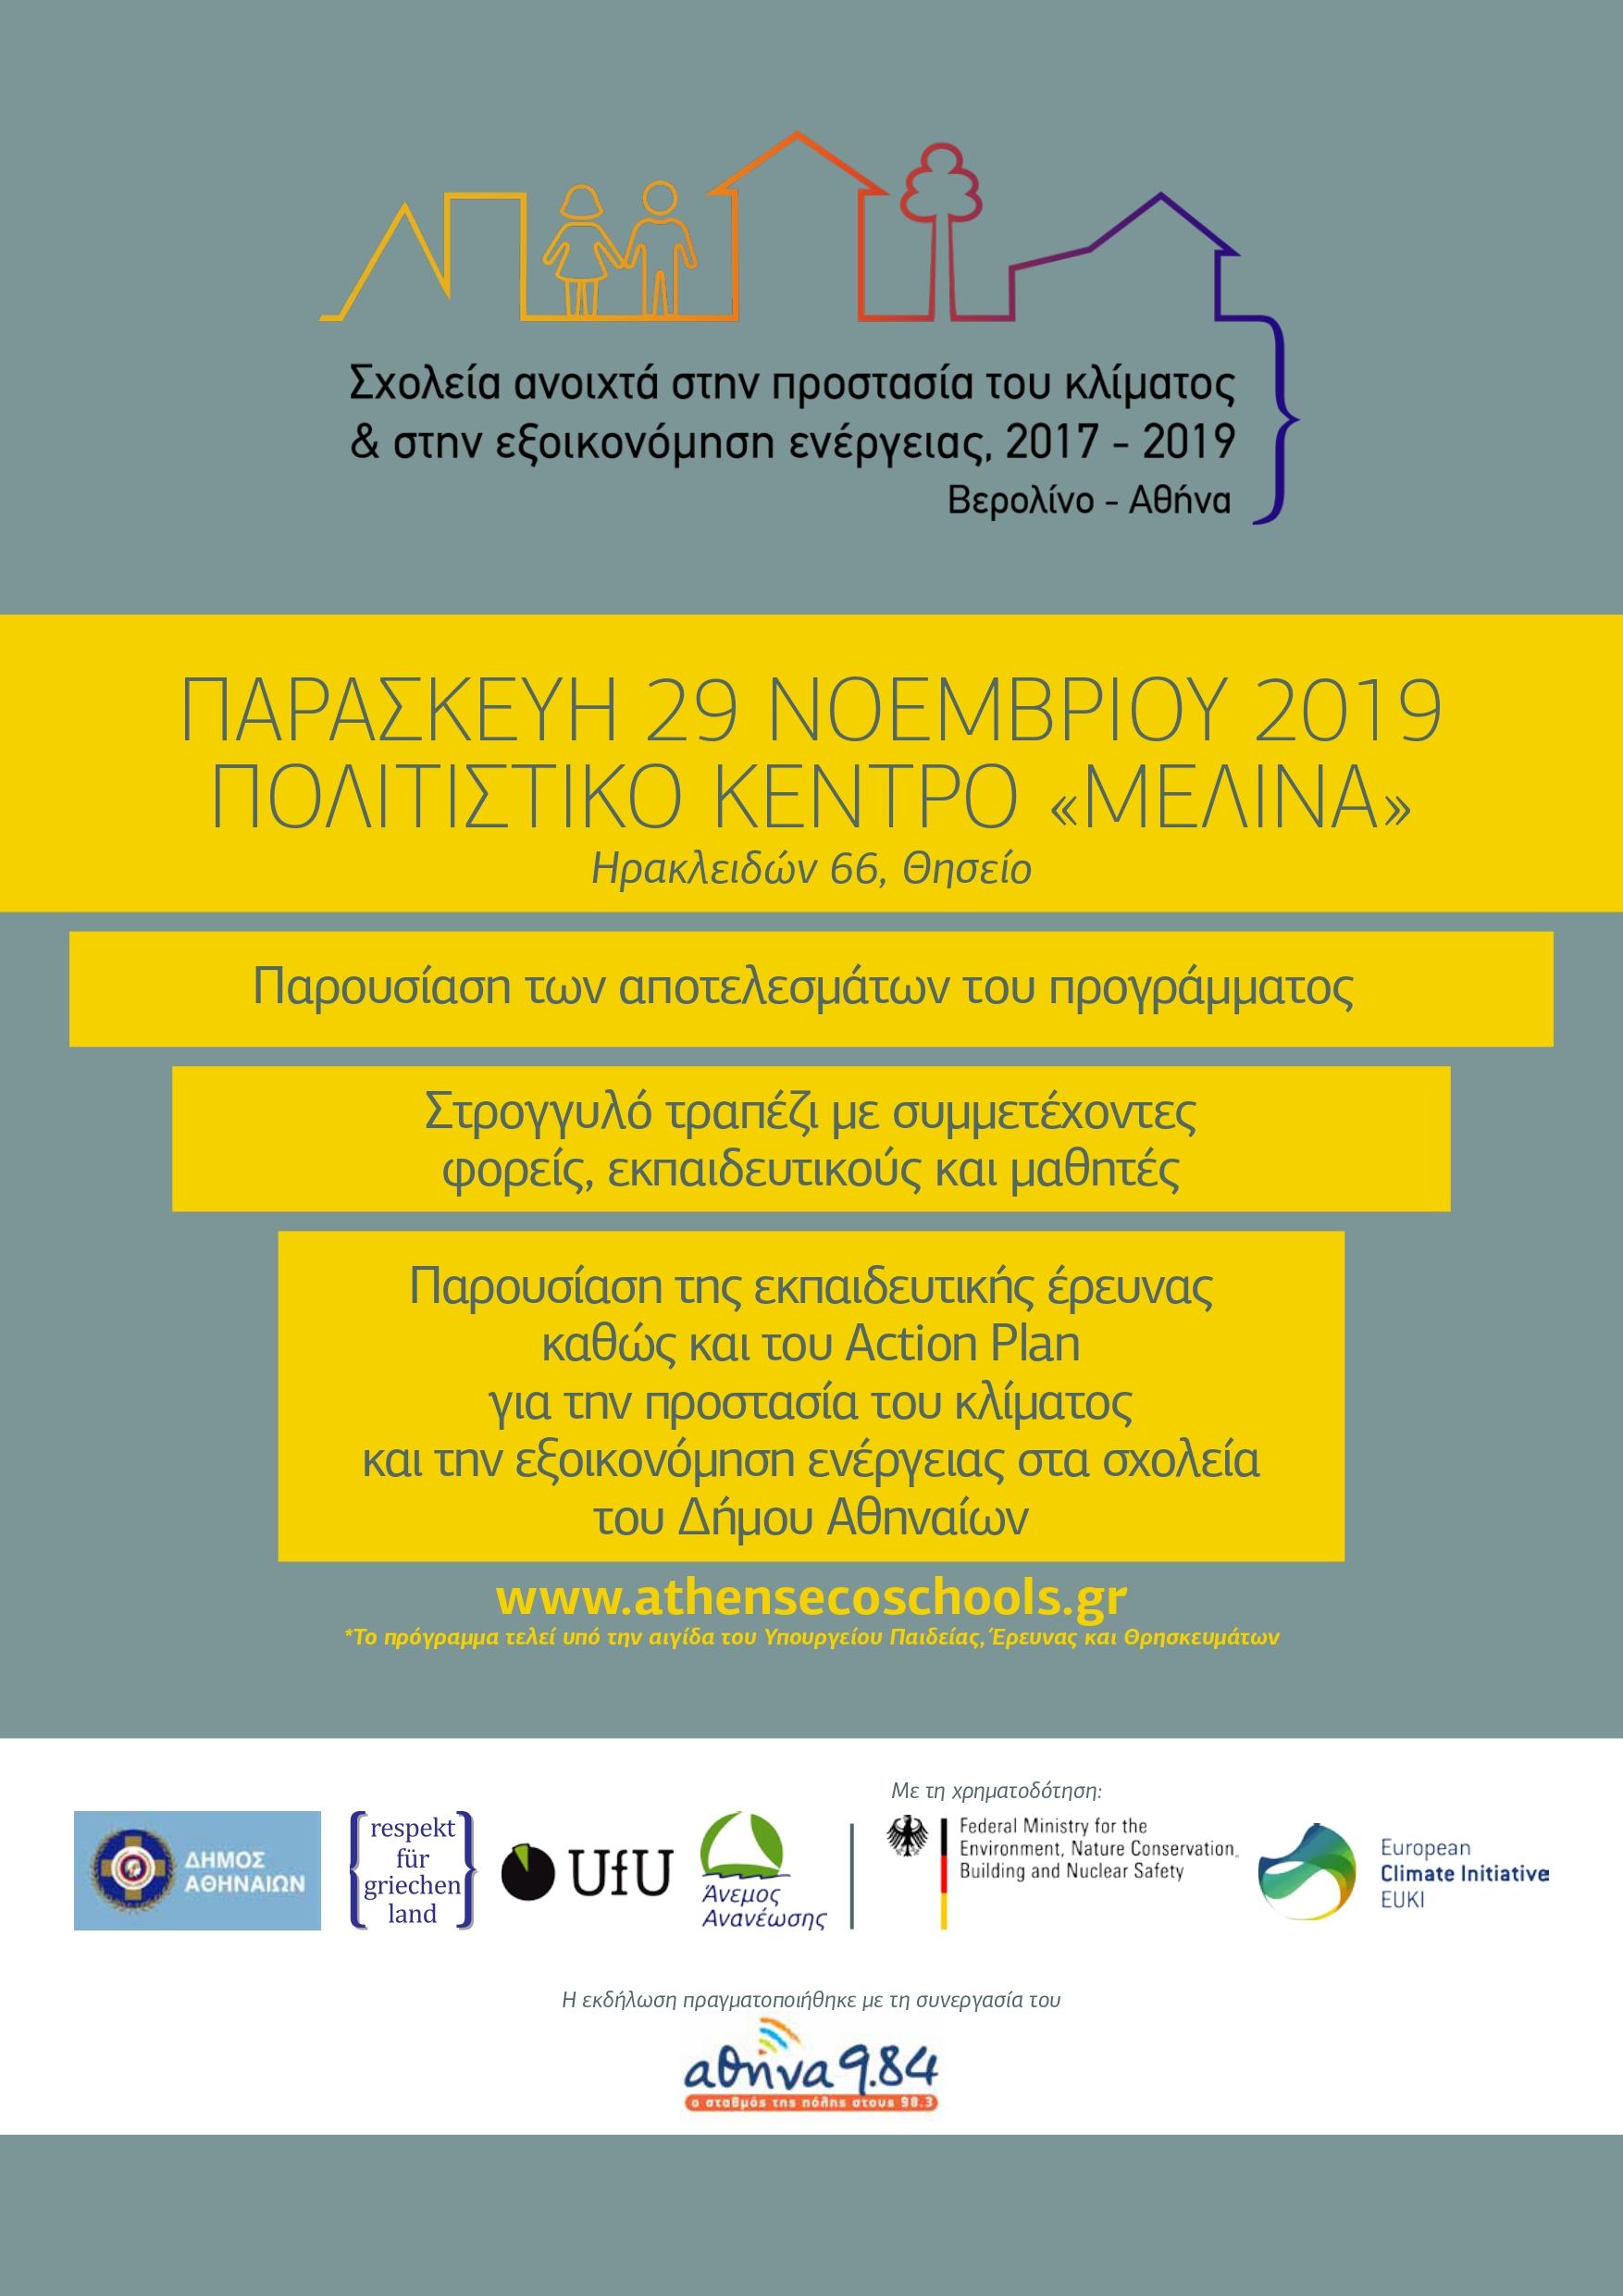 Παρουσίαση αποτελεσμάτων του προγράμματος EUKI «Κλιματικά Σχολεία Αθήνα-Βερολίνο»